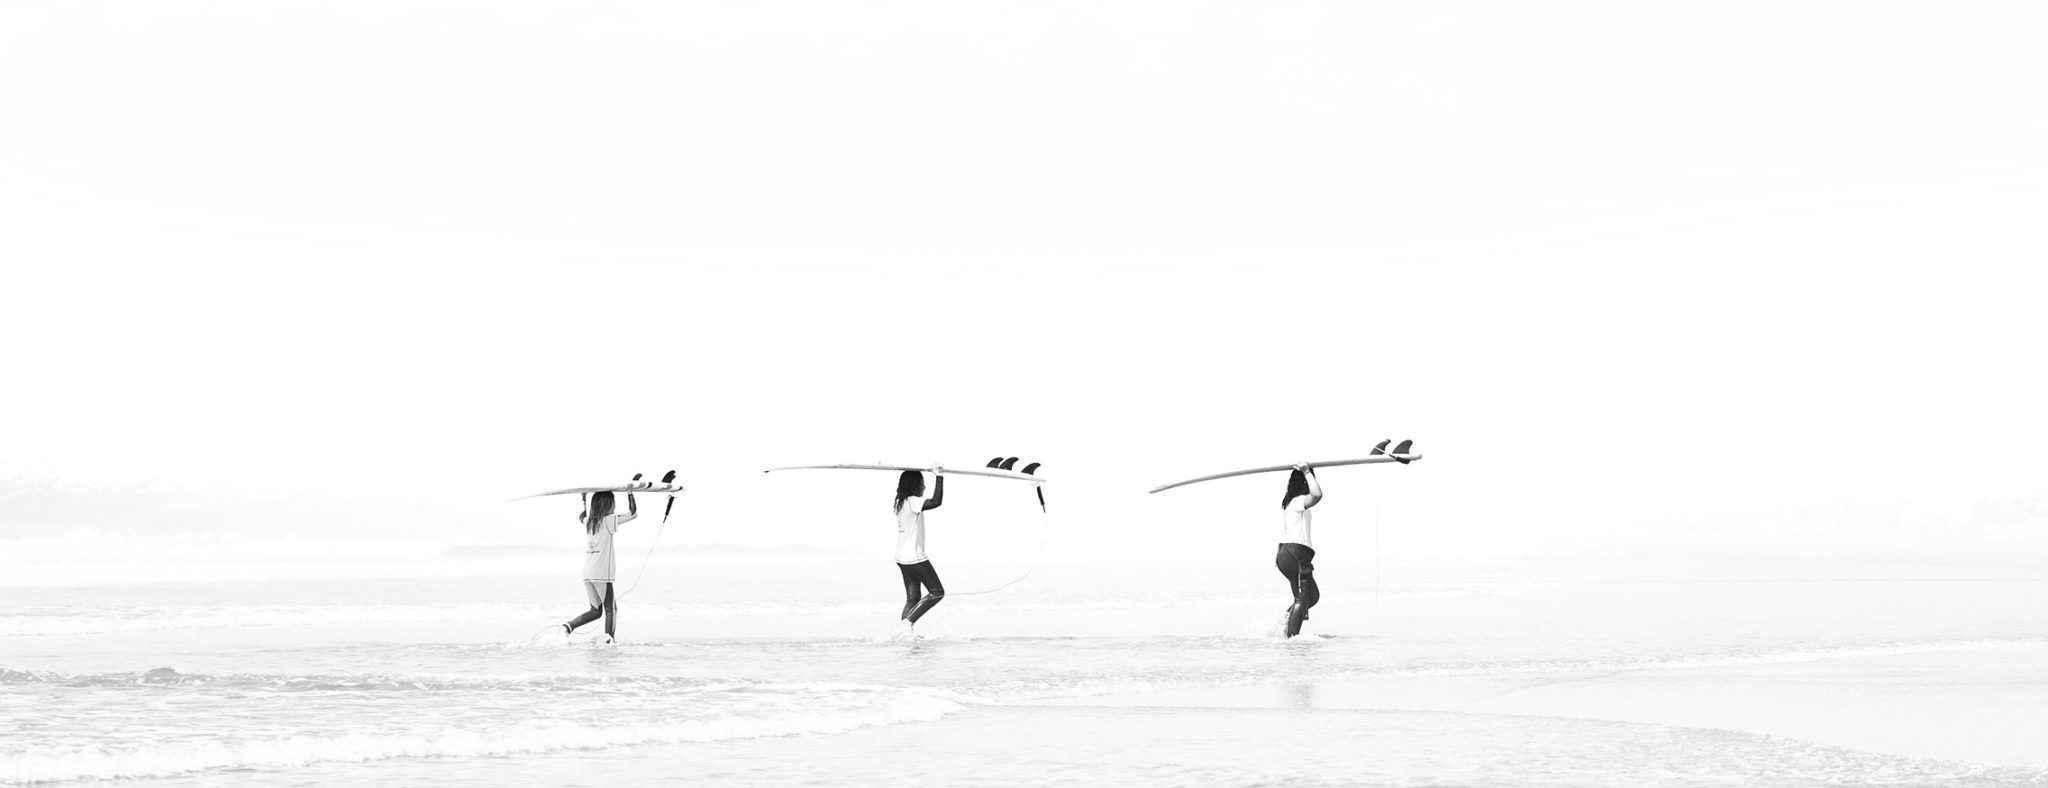 Surf marruecos